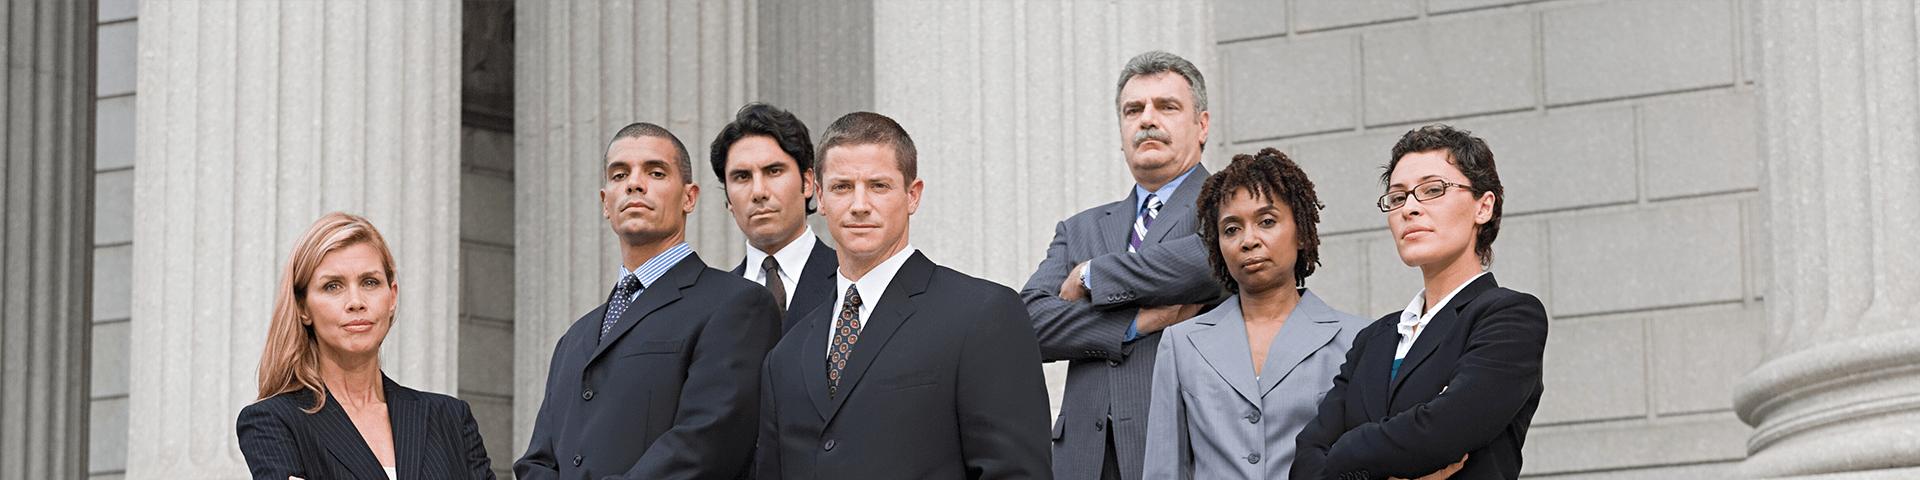 Se o detentor do precatório falecer, o advogado pode dar um golpe?